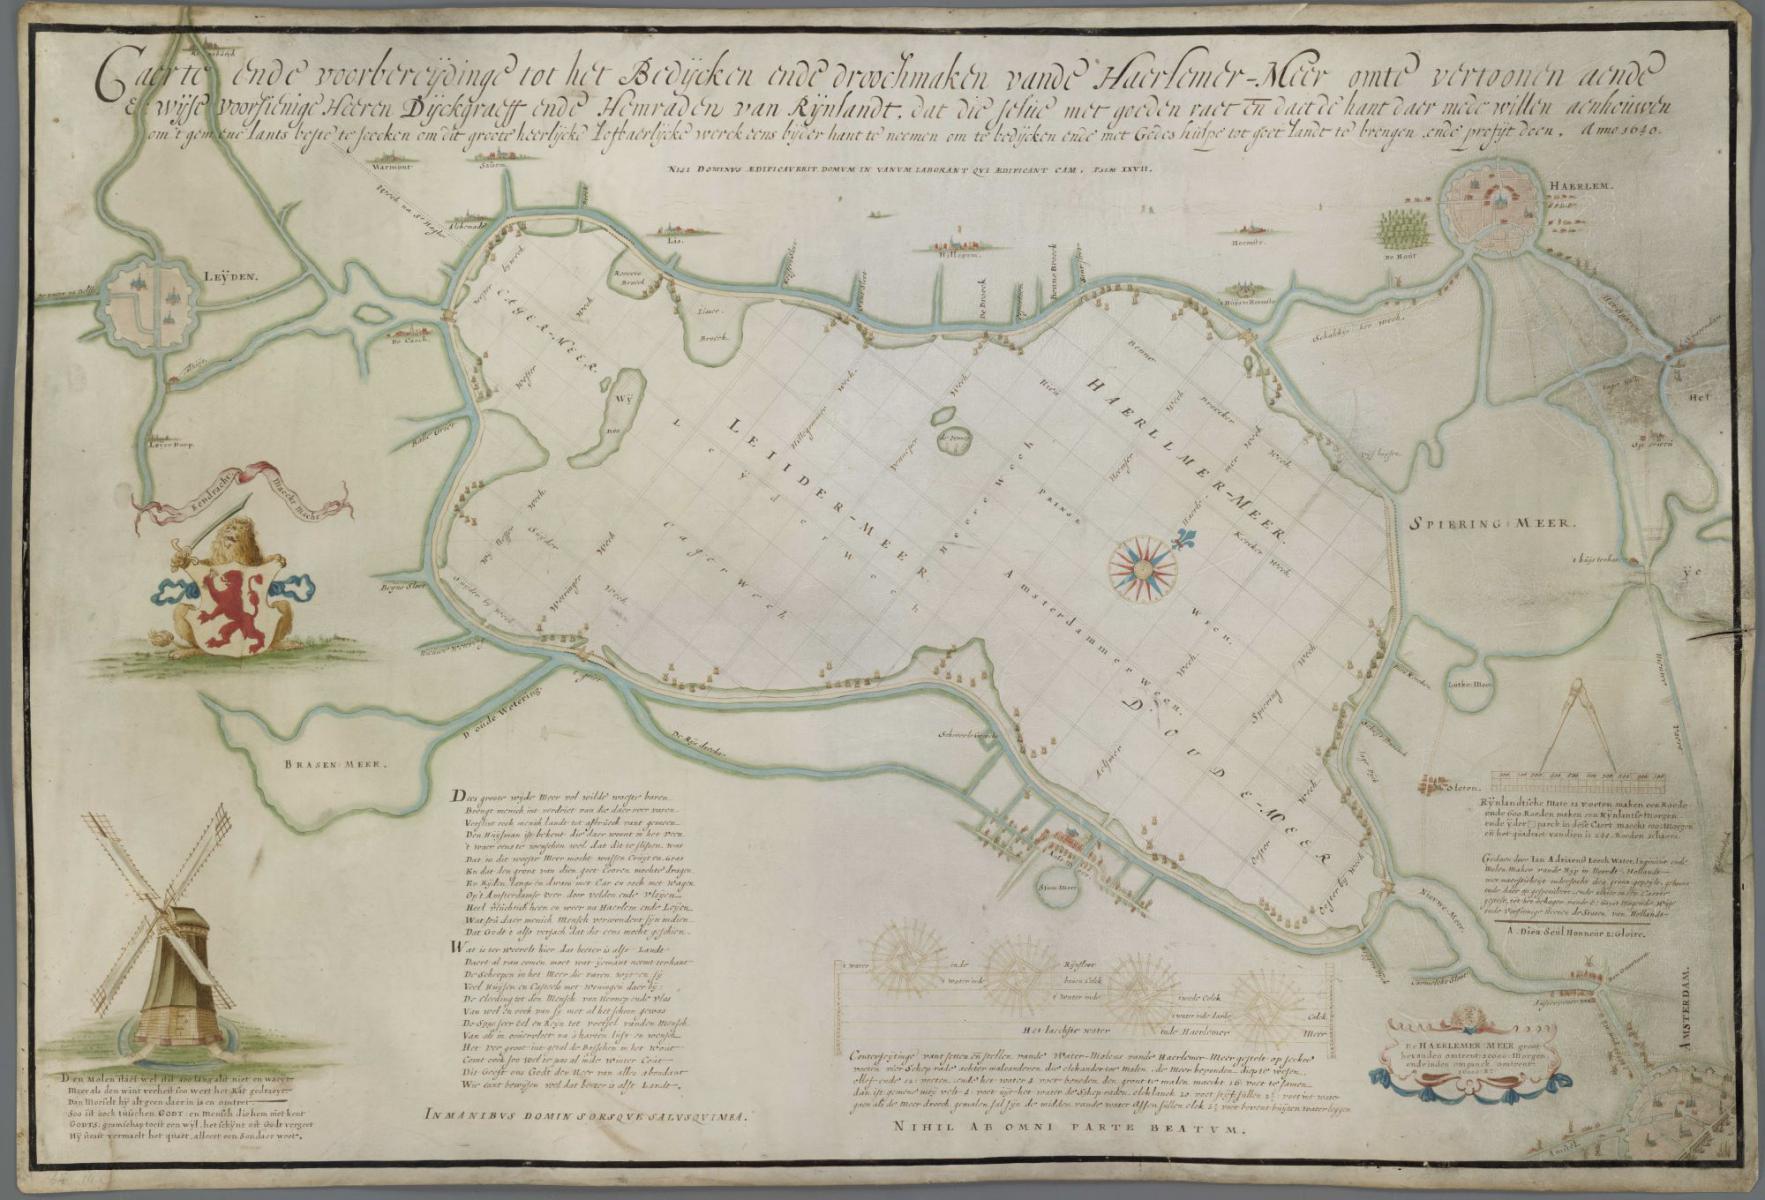 2. Leeghwater Caerte voorbereijdinge tot het bedijcken ende droochmaken van de Haerlemmermeer 1640